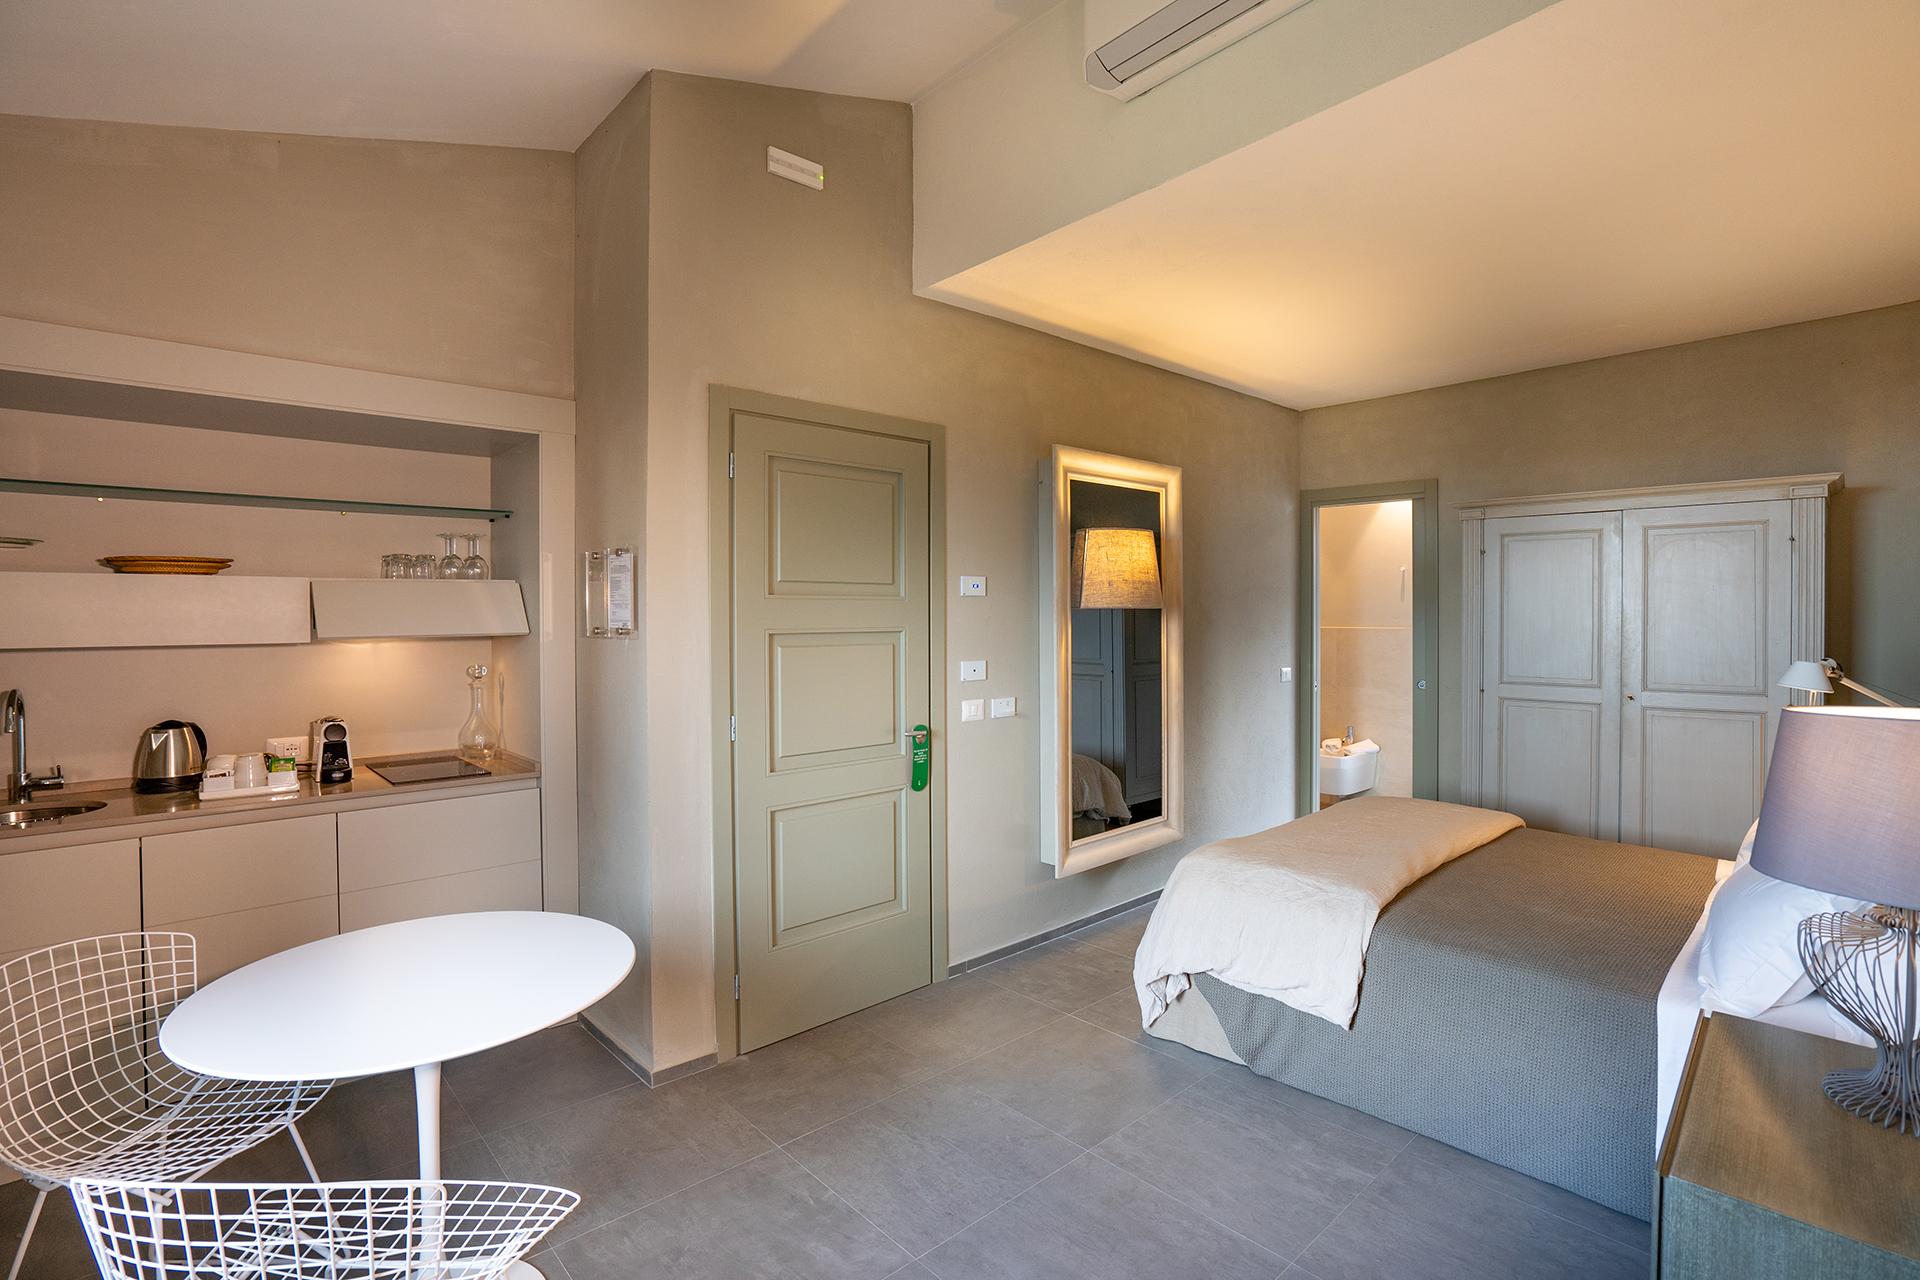 Appartamento con angolo cucina in dependance di lusso a Villa Sassolini, Toscana